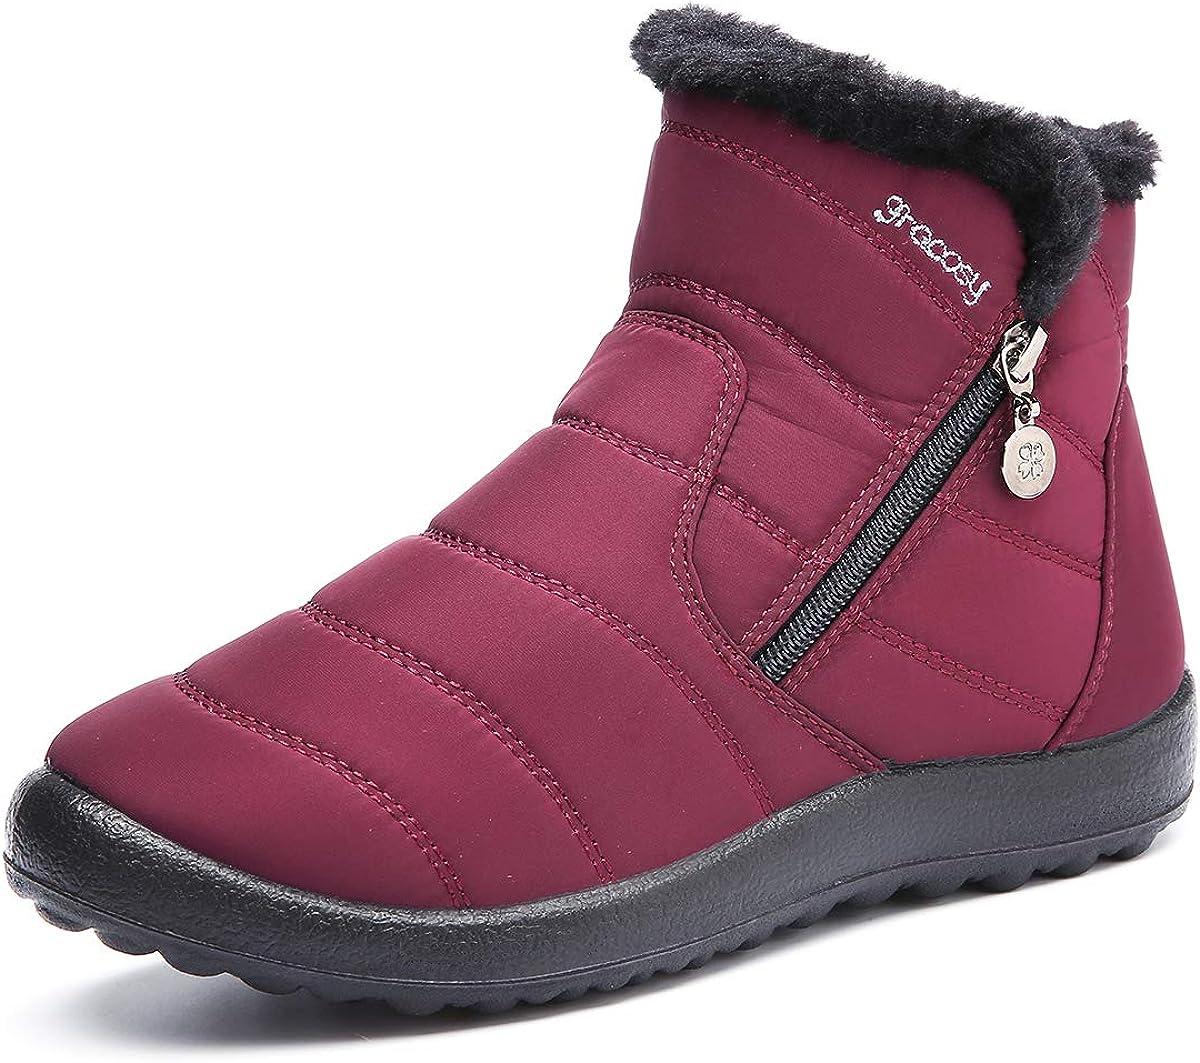 gracosy Botas de Mujer Otoño Invierno Goma Forro de Piel Punta Redonda Botas de Nieve Zapatos de Trabajo Calzado Antideslizante Ligero Botines Caminan